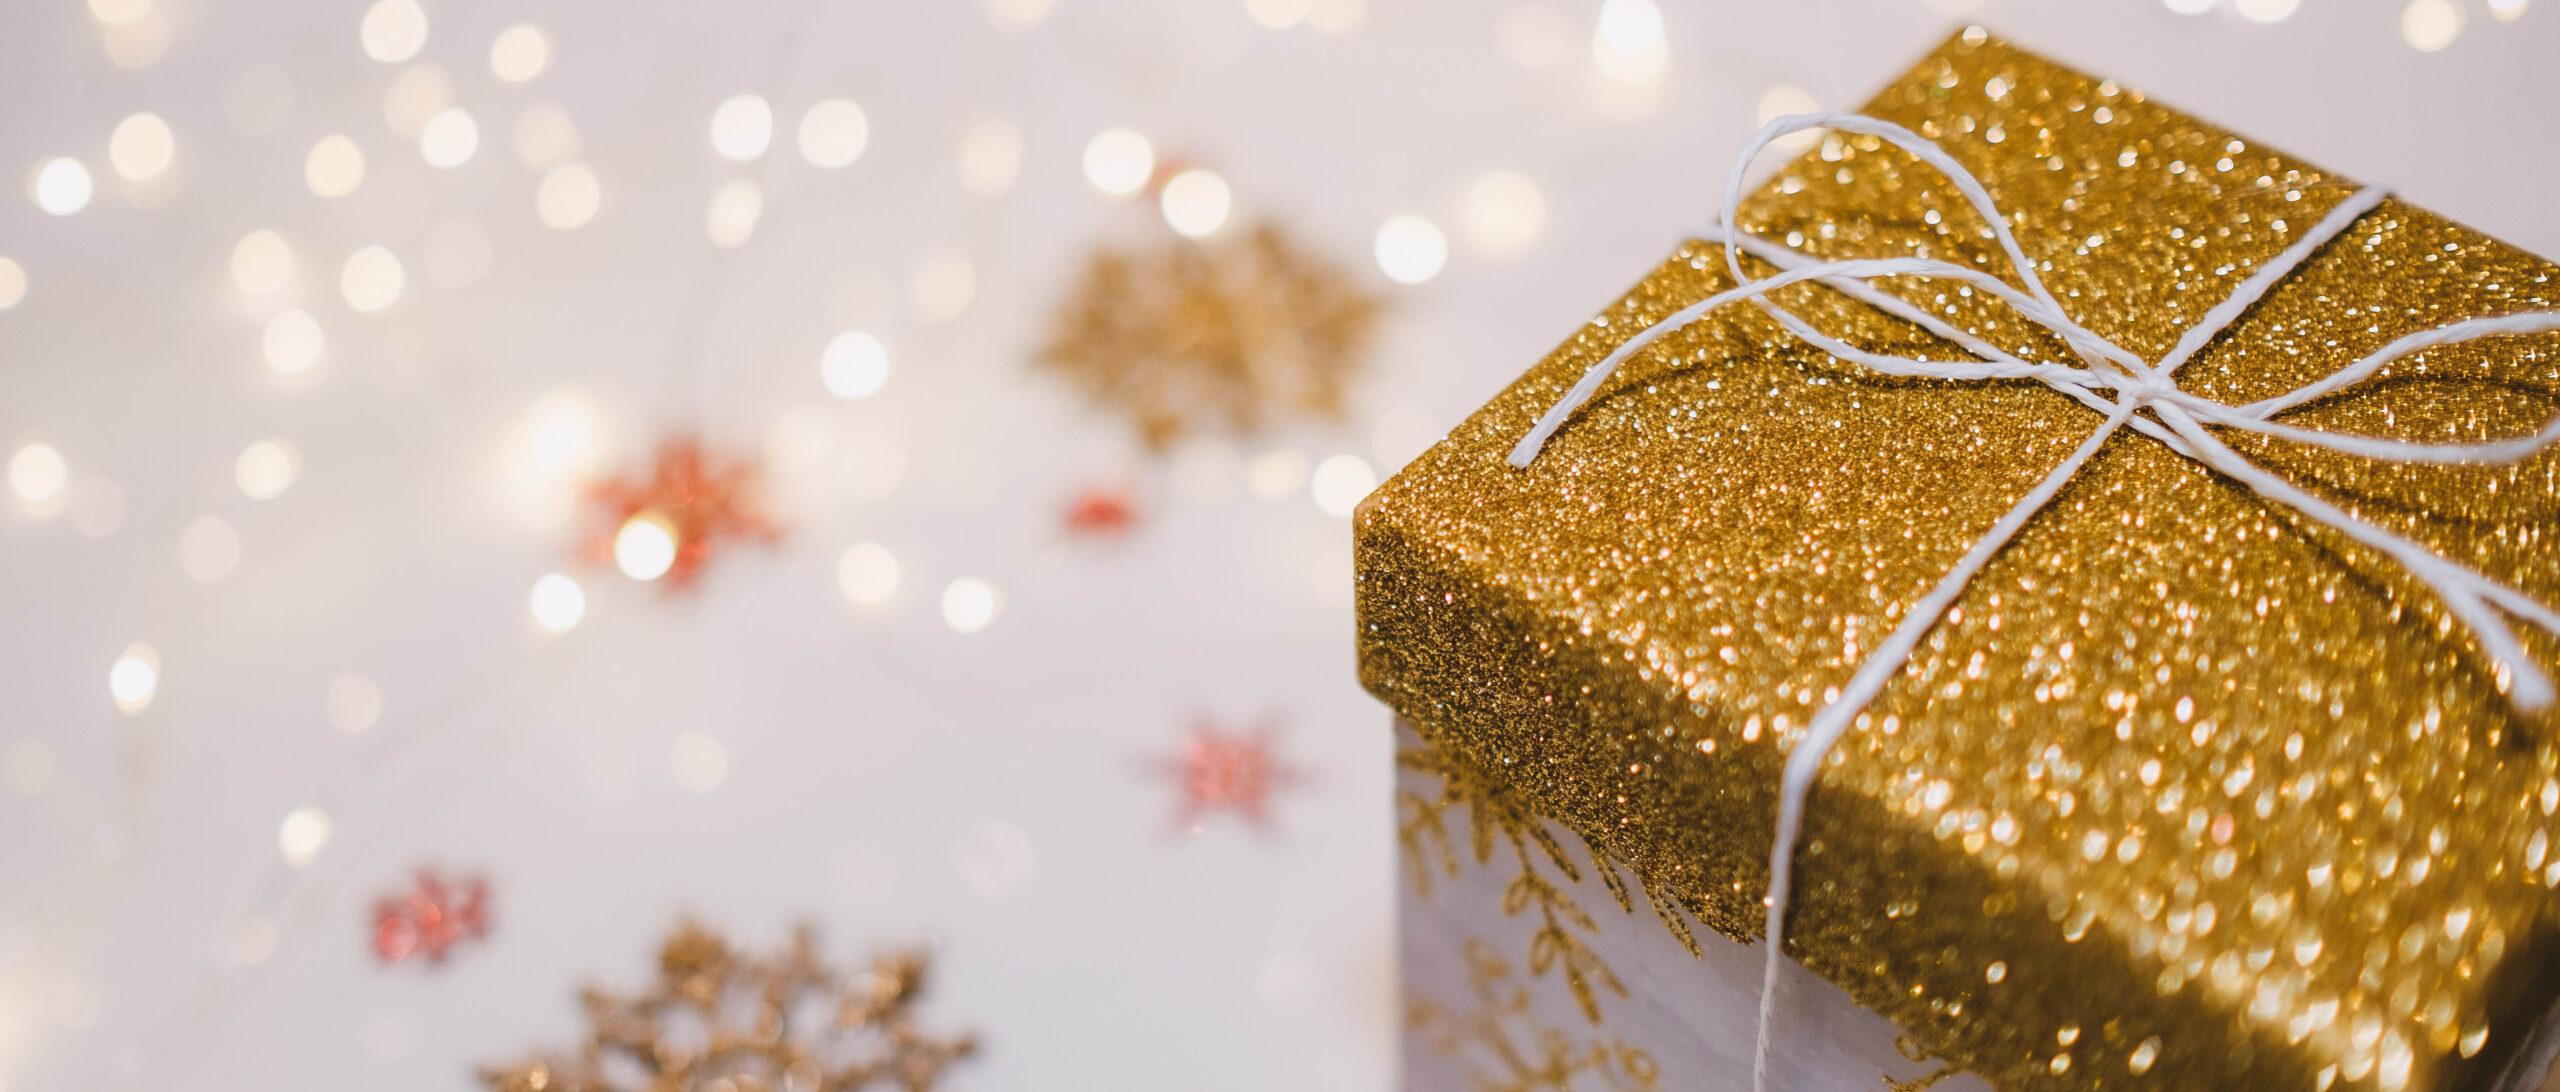 Premio Gordo Lotería Navidad